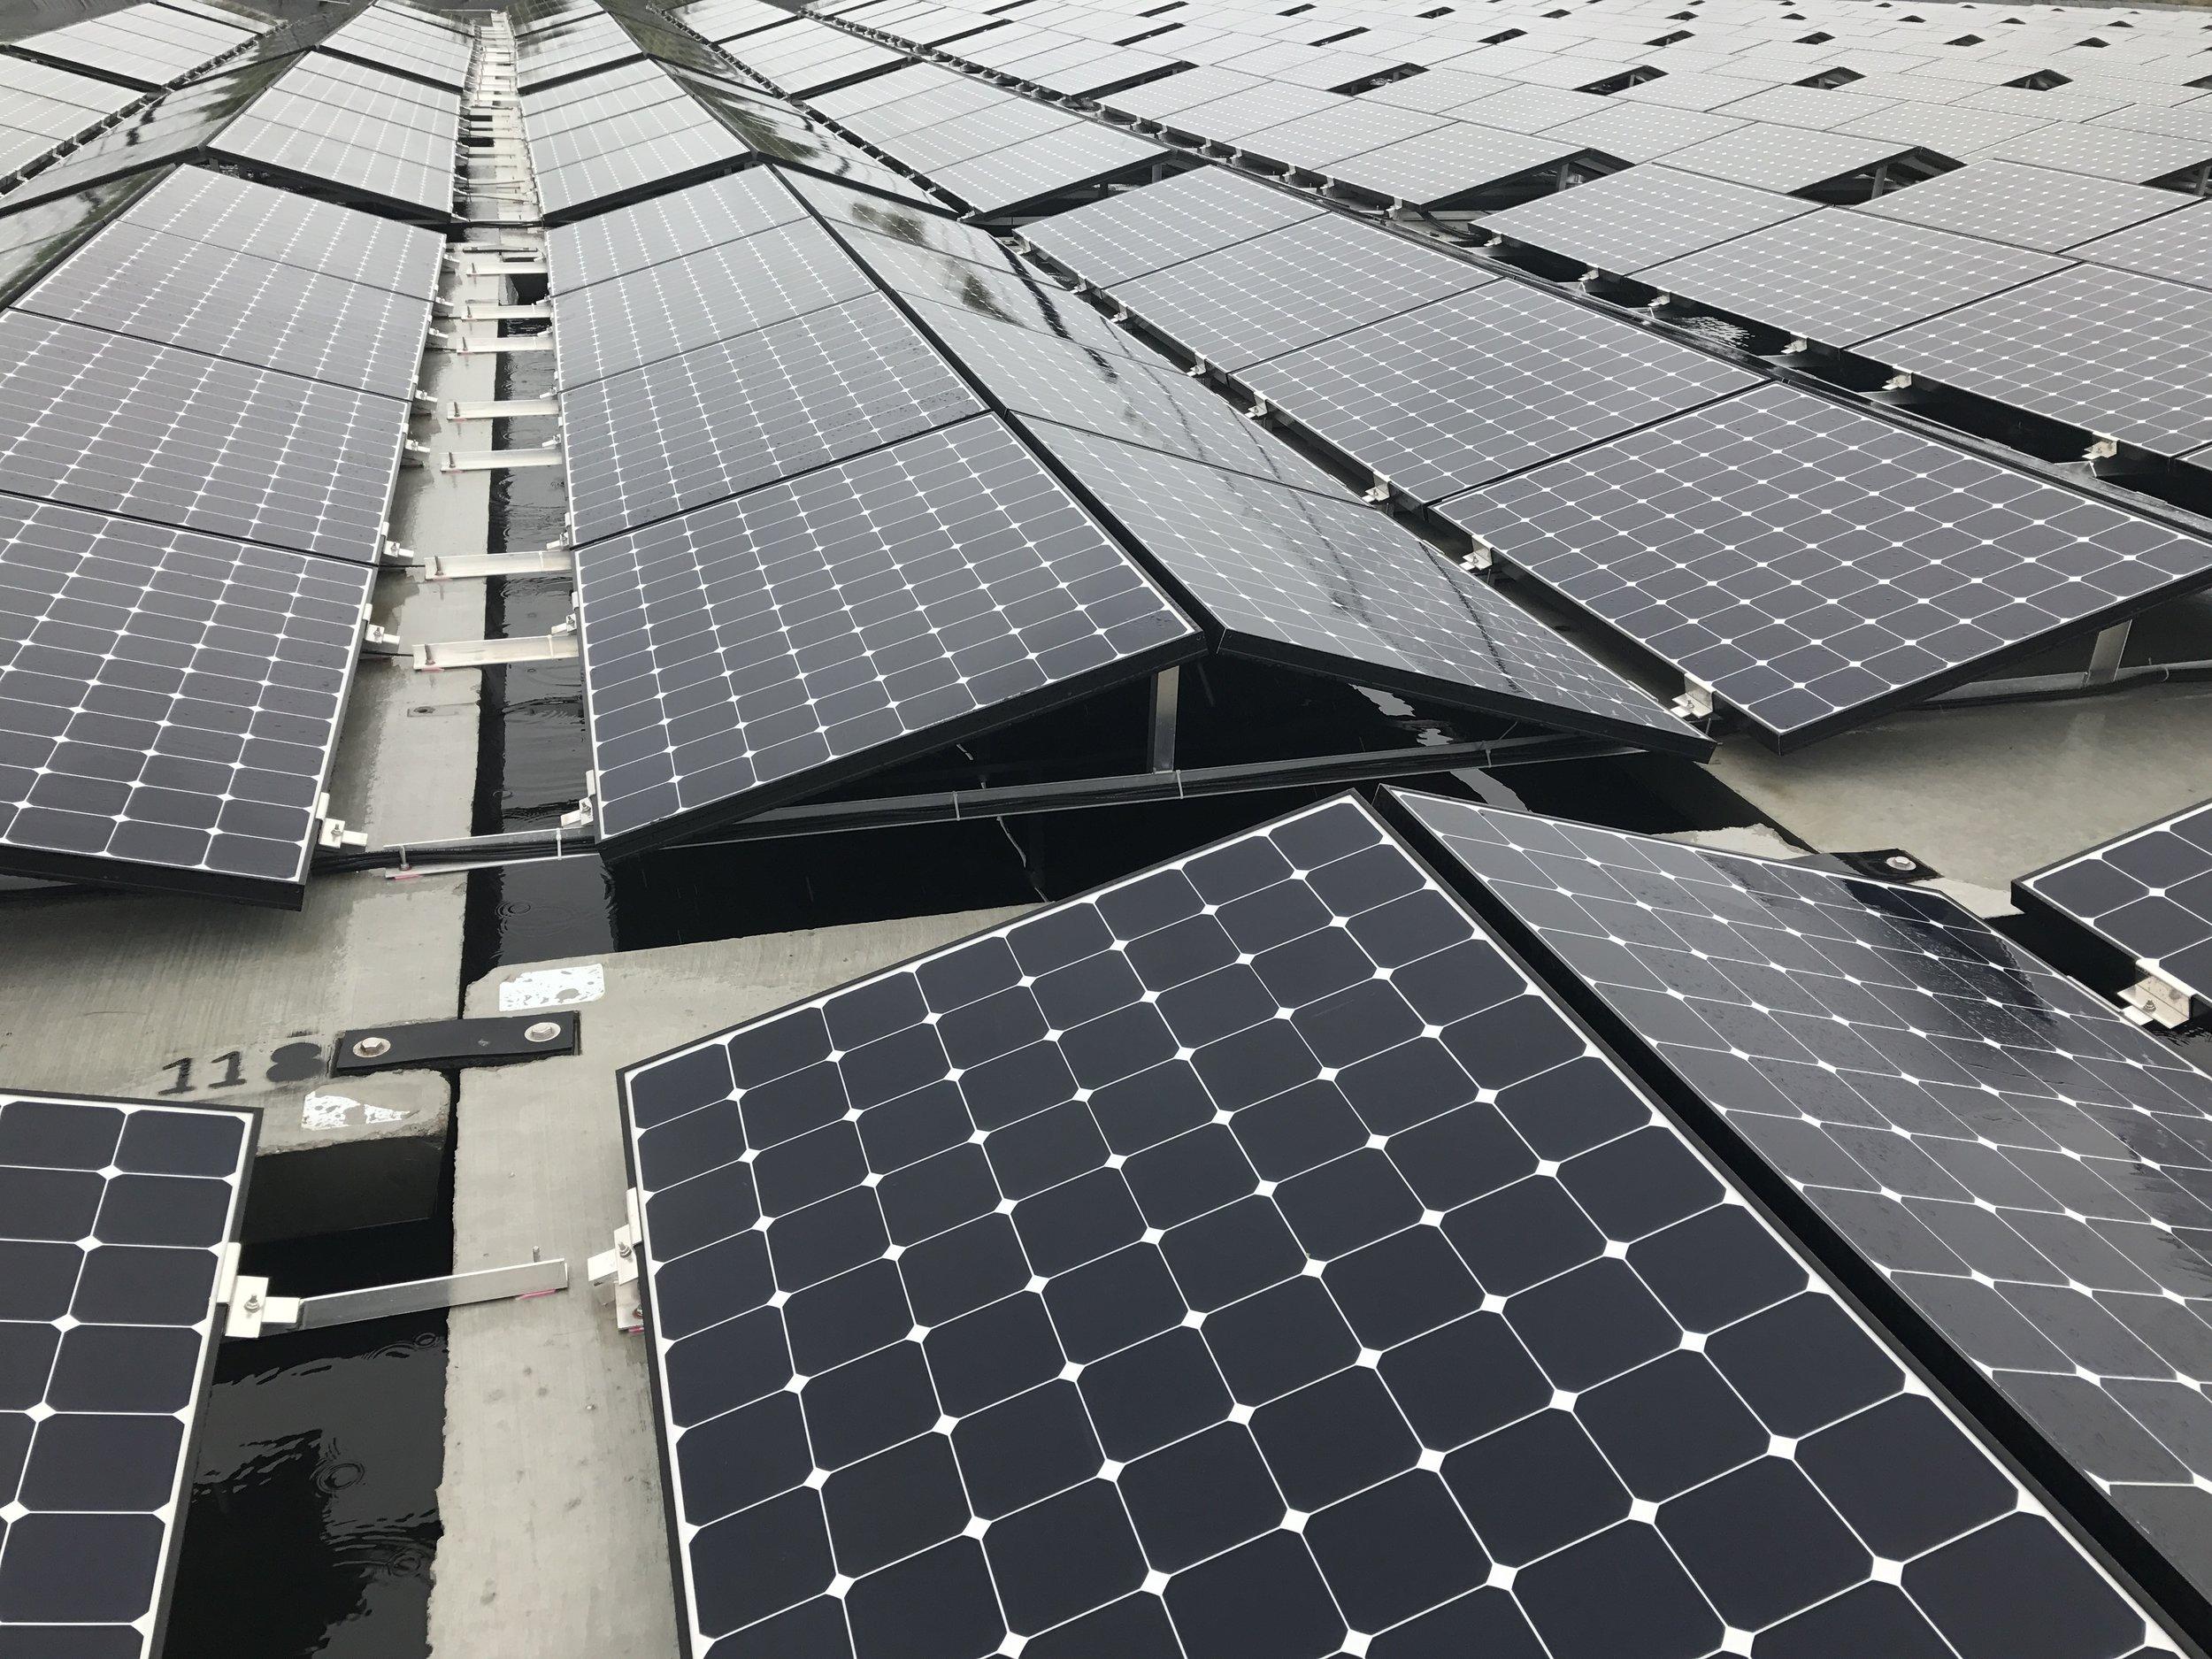 Floating-solar-pv-system-netherlands-nederland-texel-05.JPG